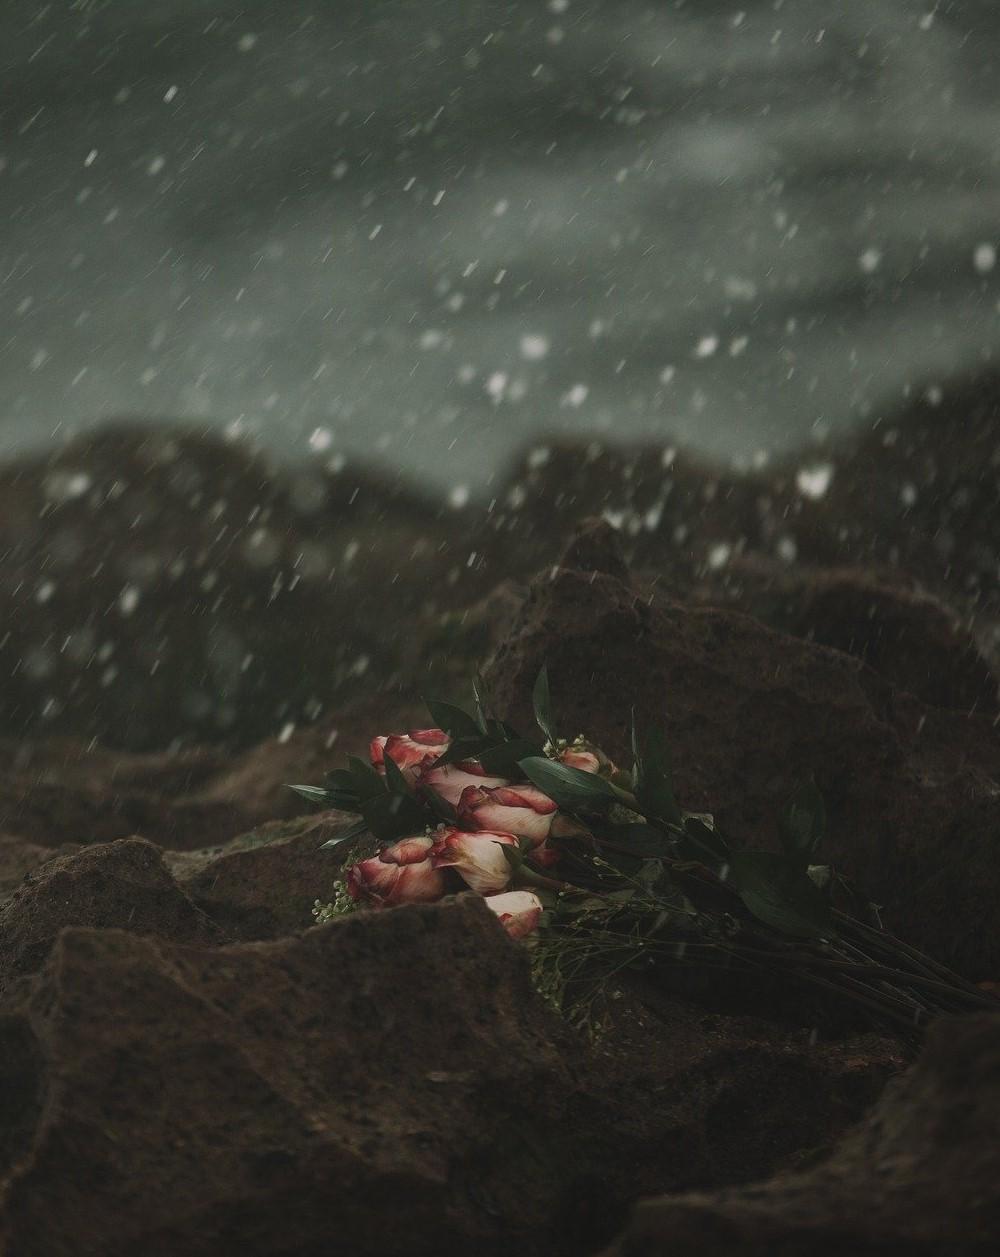 heartbreak-1209211_1920 cropped